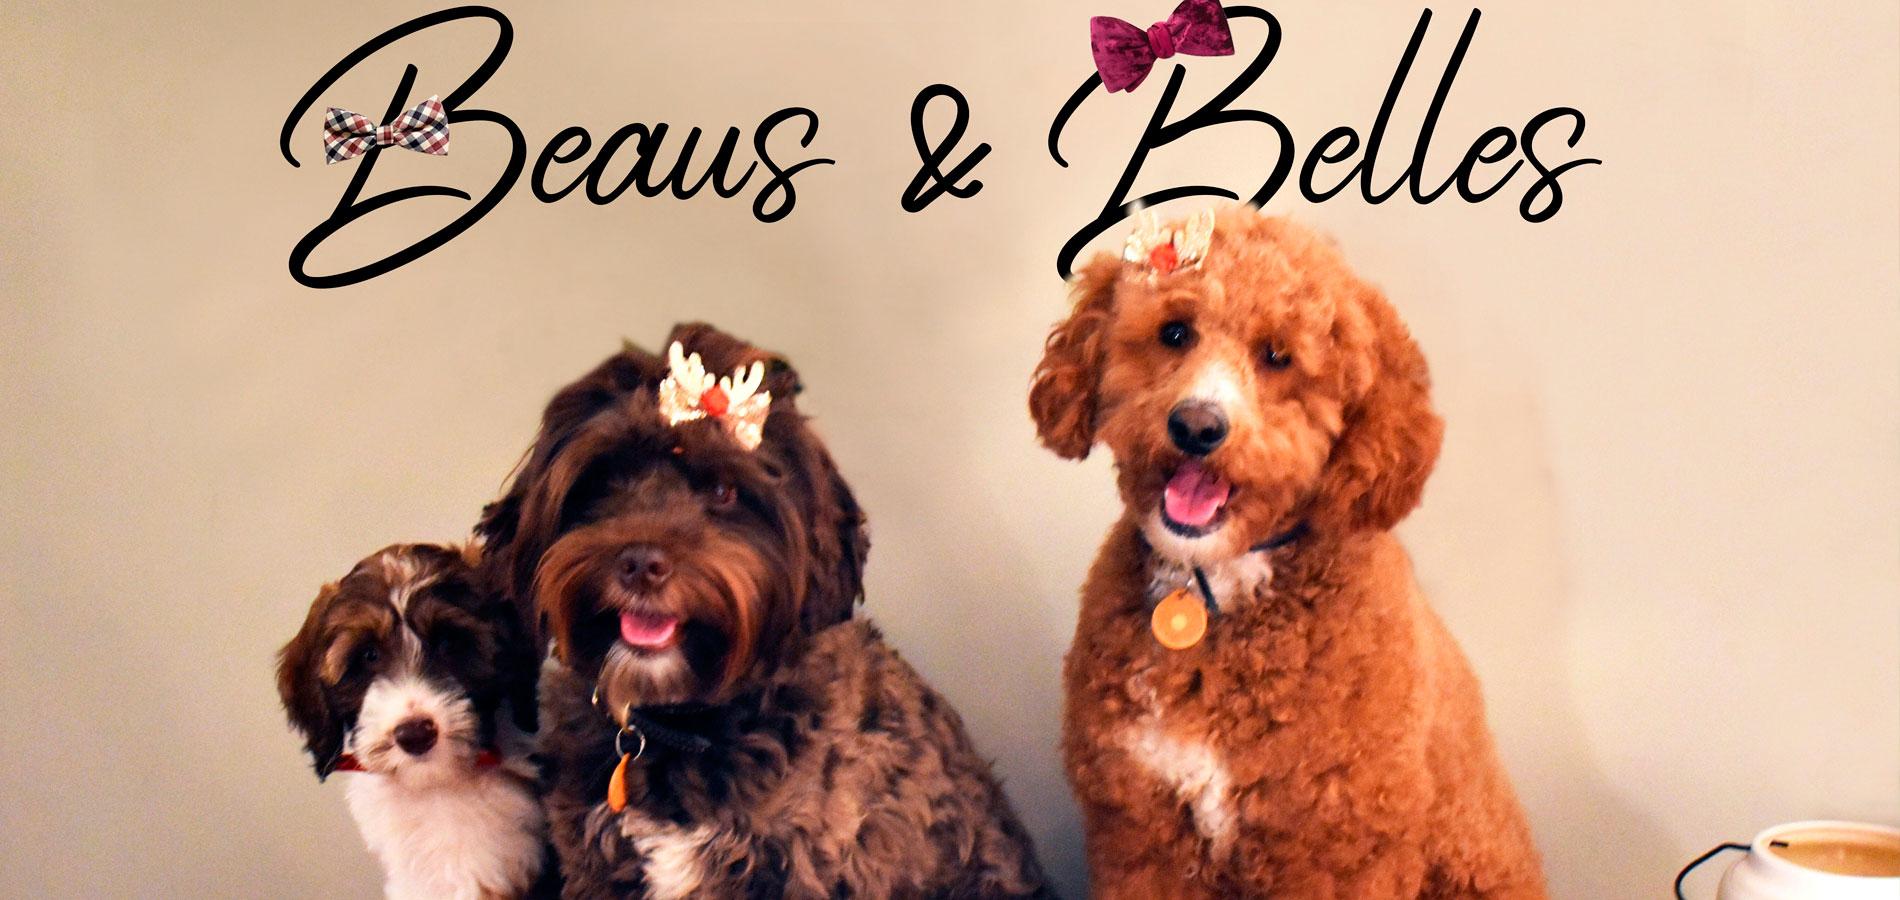 Beaus $ Bells